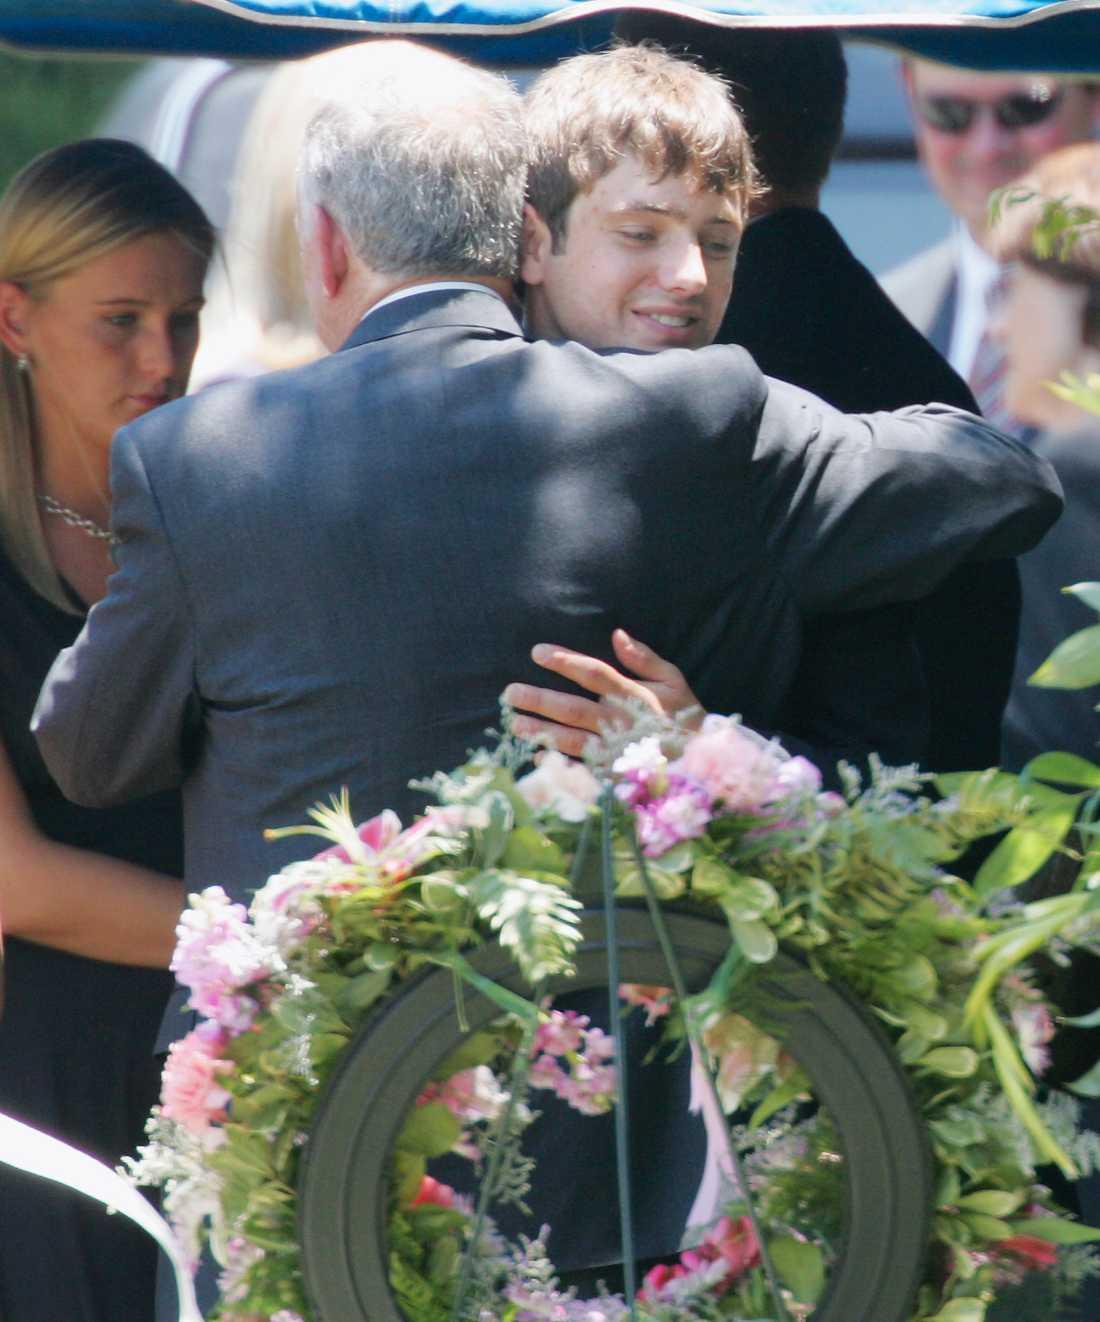 Burke Ramsey kramar om sin pappa John under en ceremoni 2006 vid gravplatsen för mamma Patsy och lillasyster JonBenét.